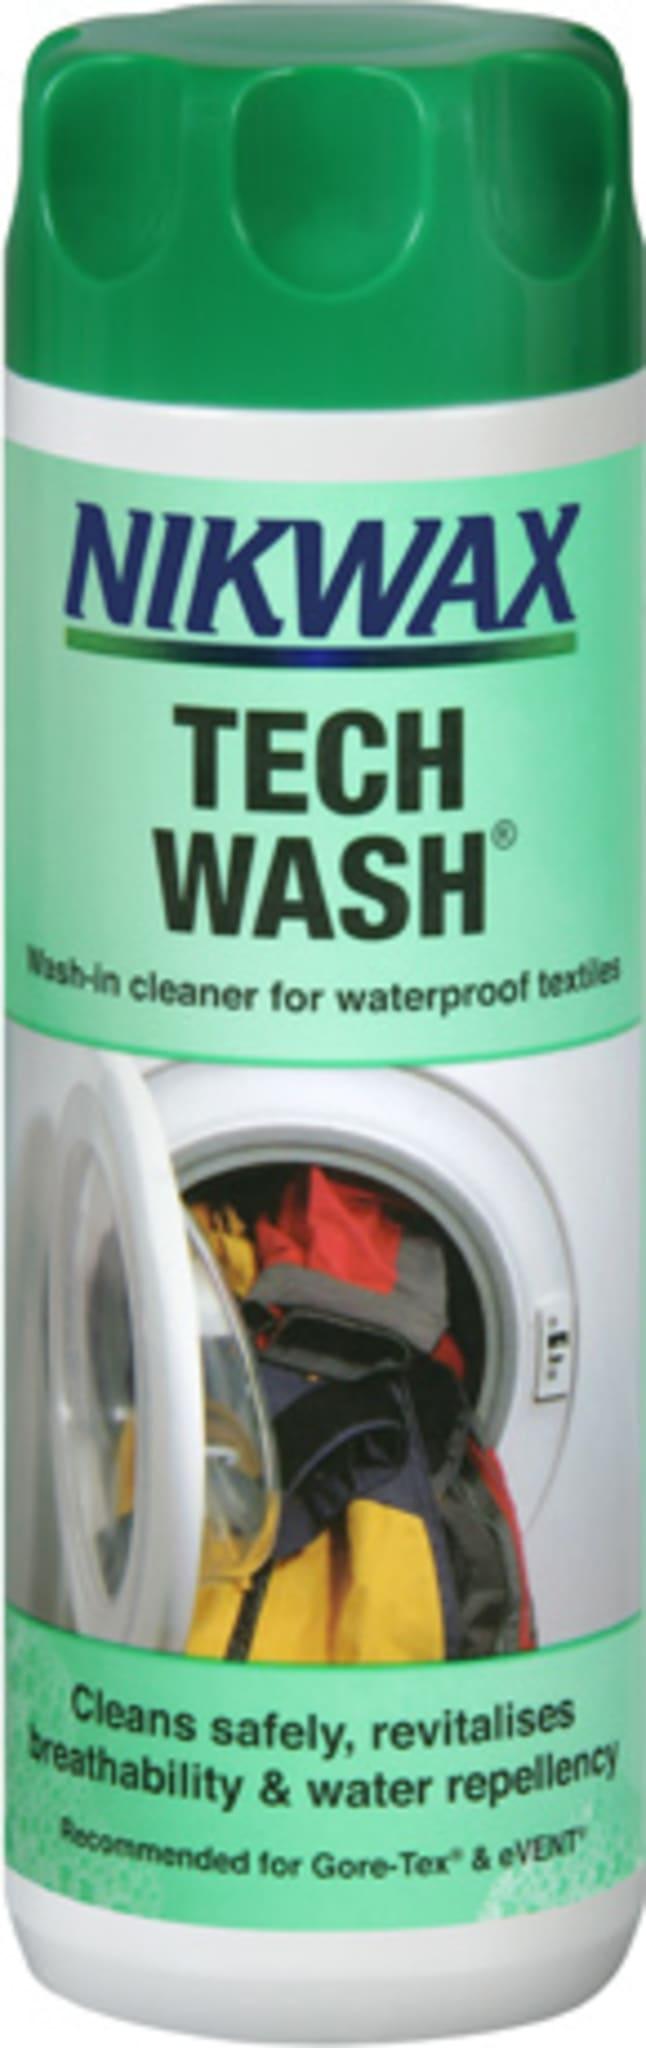 Vaskemiddel for impregnerte tekstiler